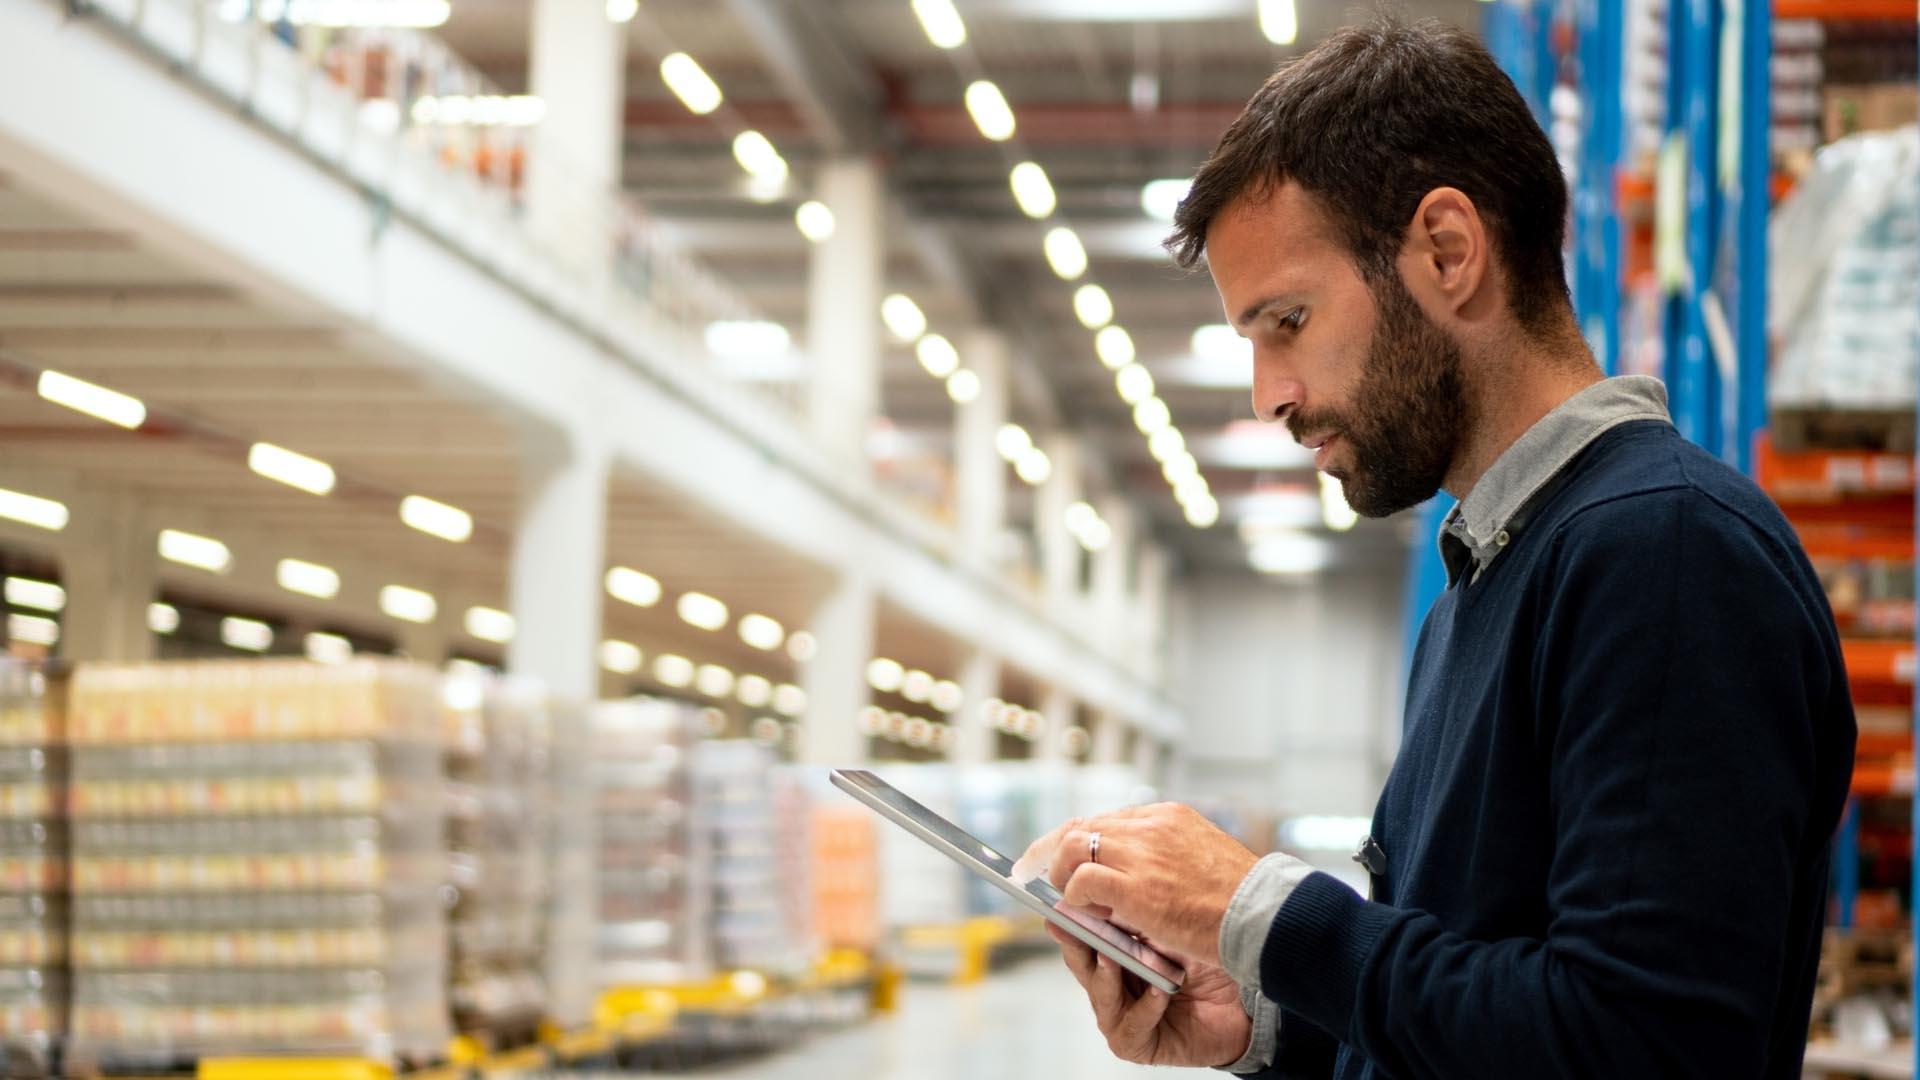 Inventory management: ottimizzare la supply chain grazie ai dati